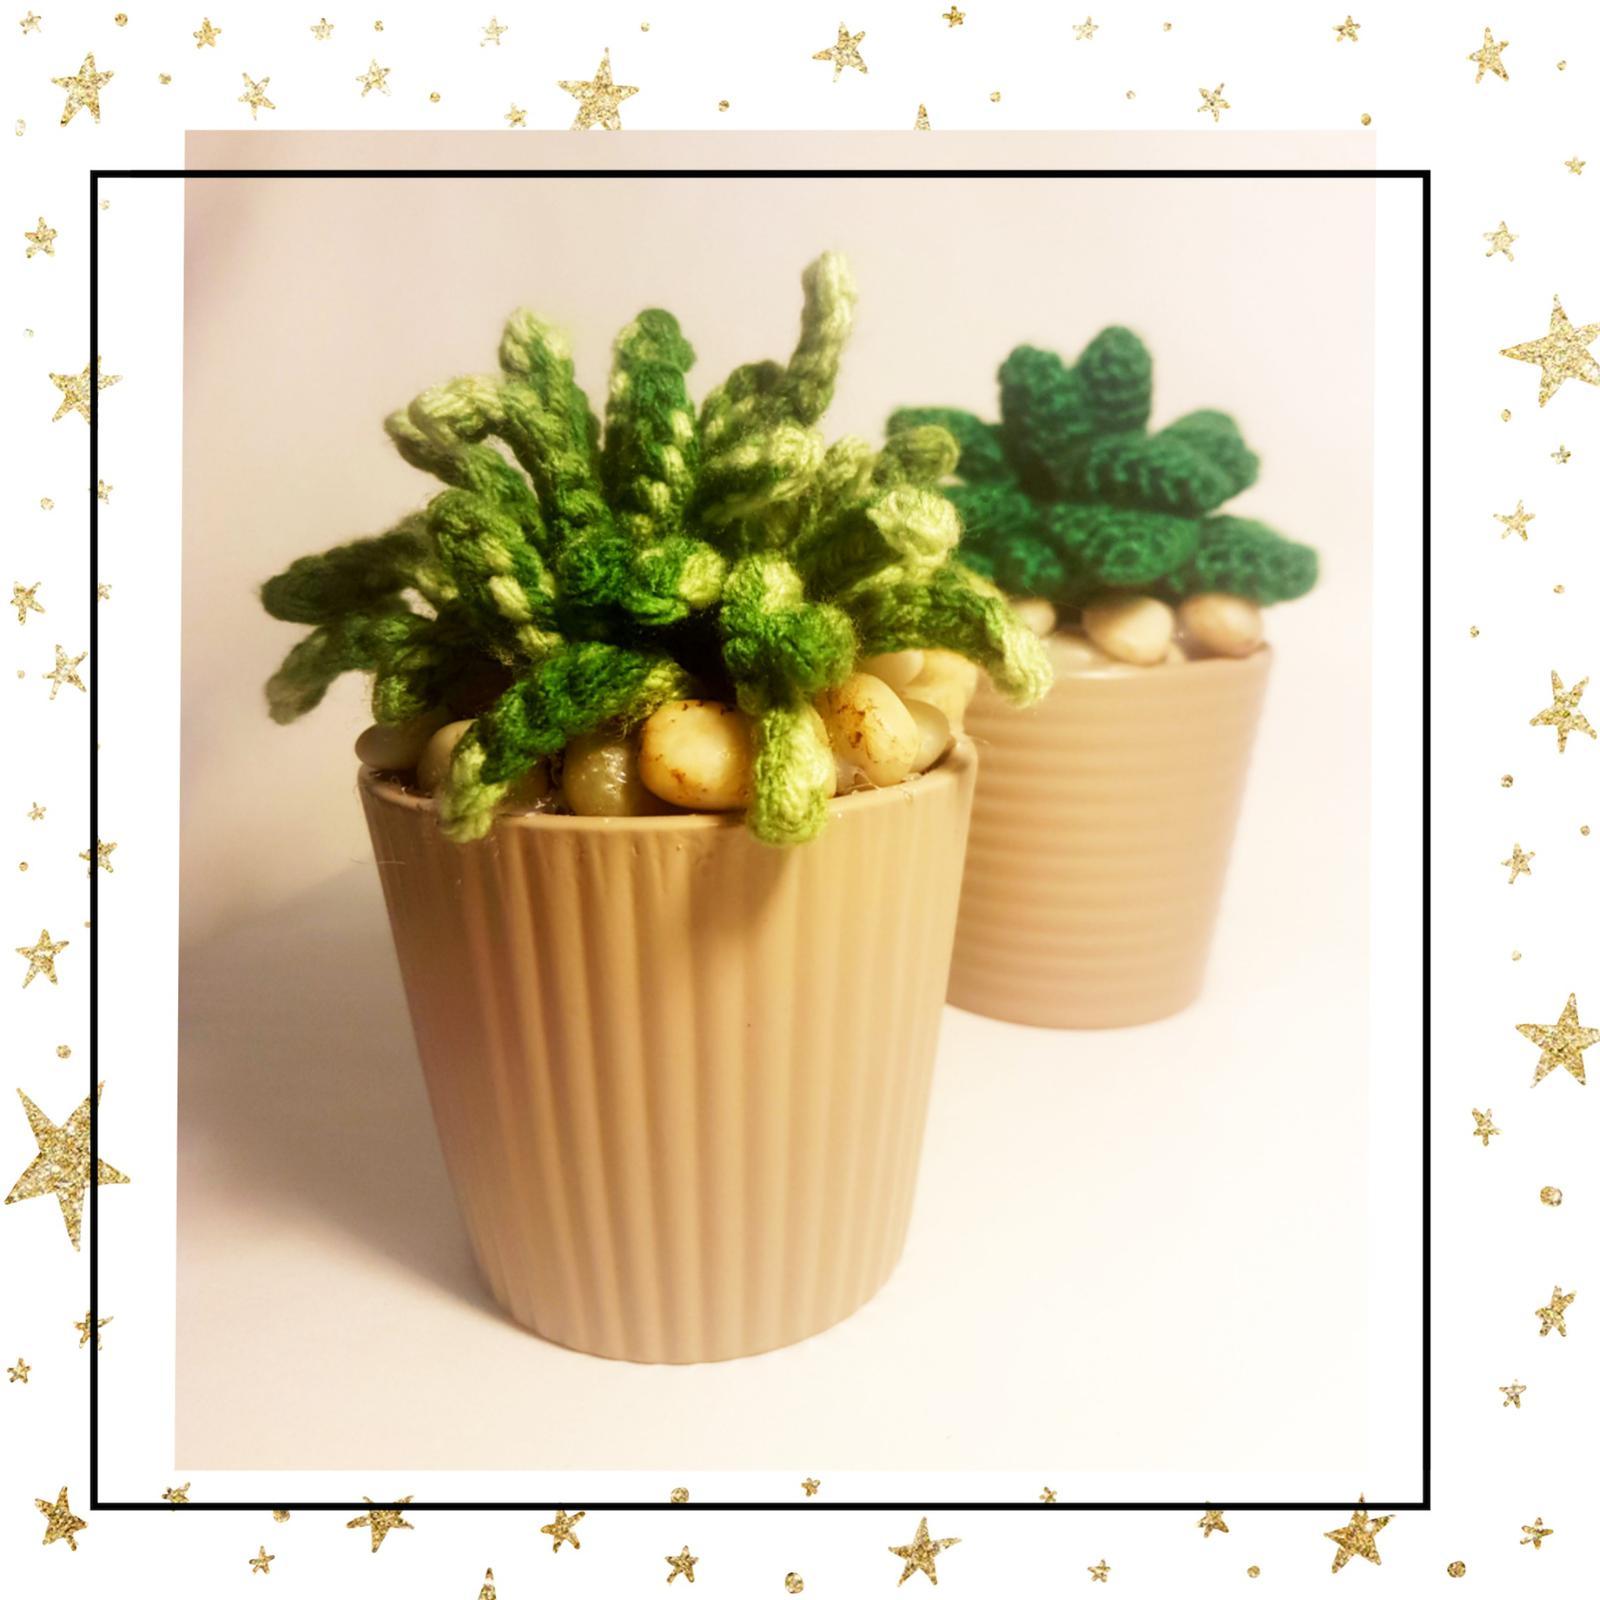 Crochet Succulent Plant